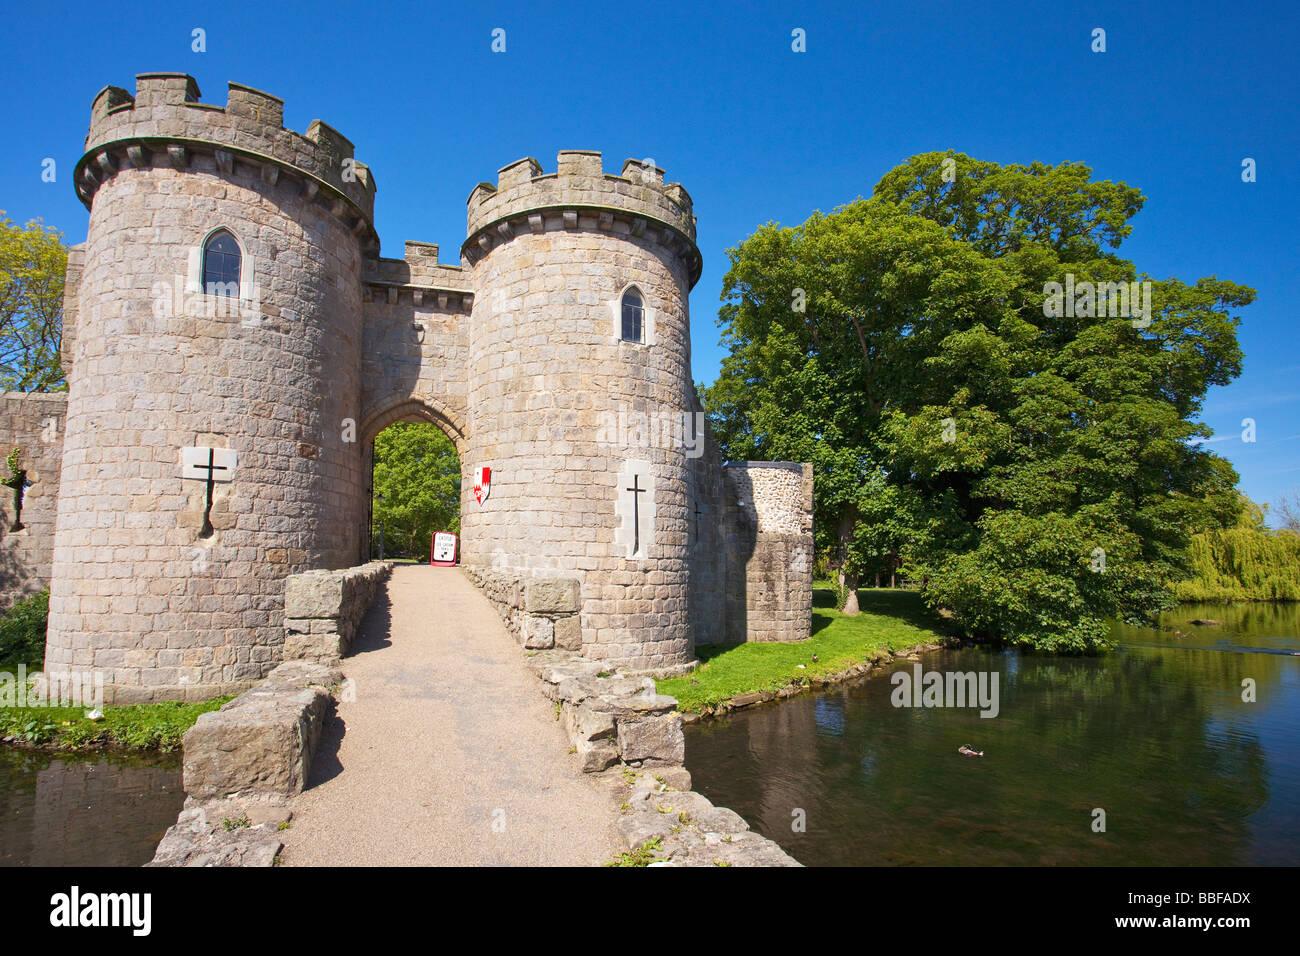 Whittington Castle moat near Oswestry Shropshire England UK United Kingdom GB Great Britain British Isles Europe - Stock Image